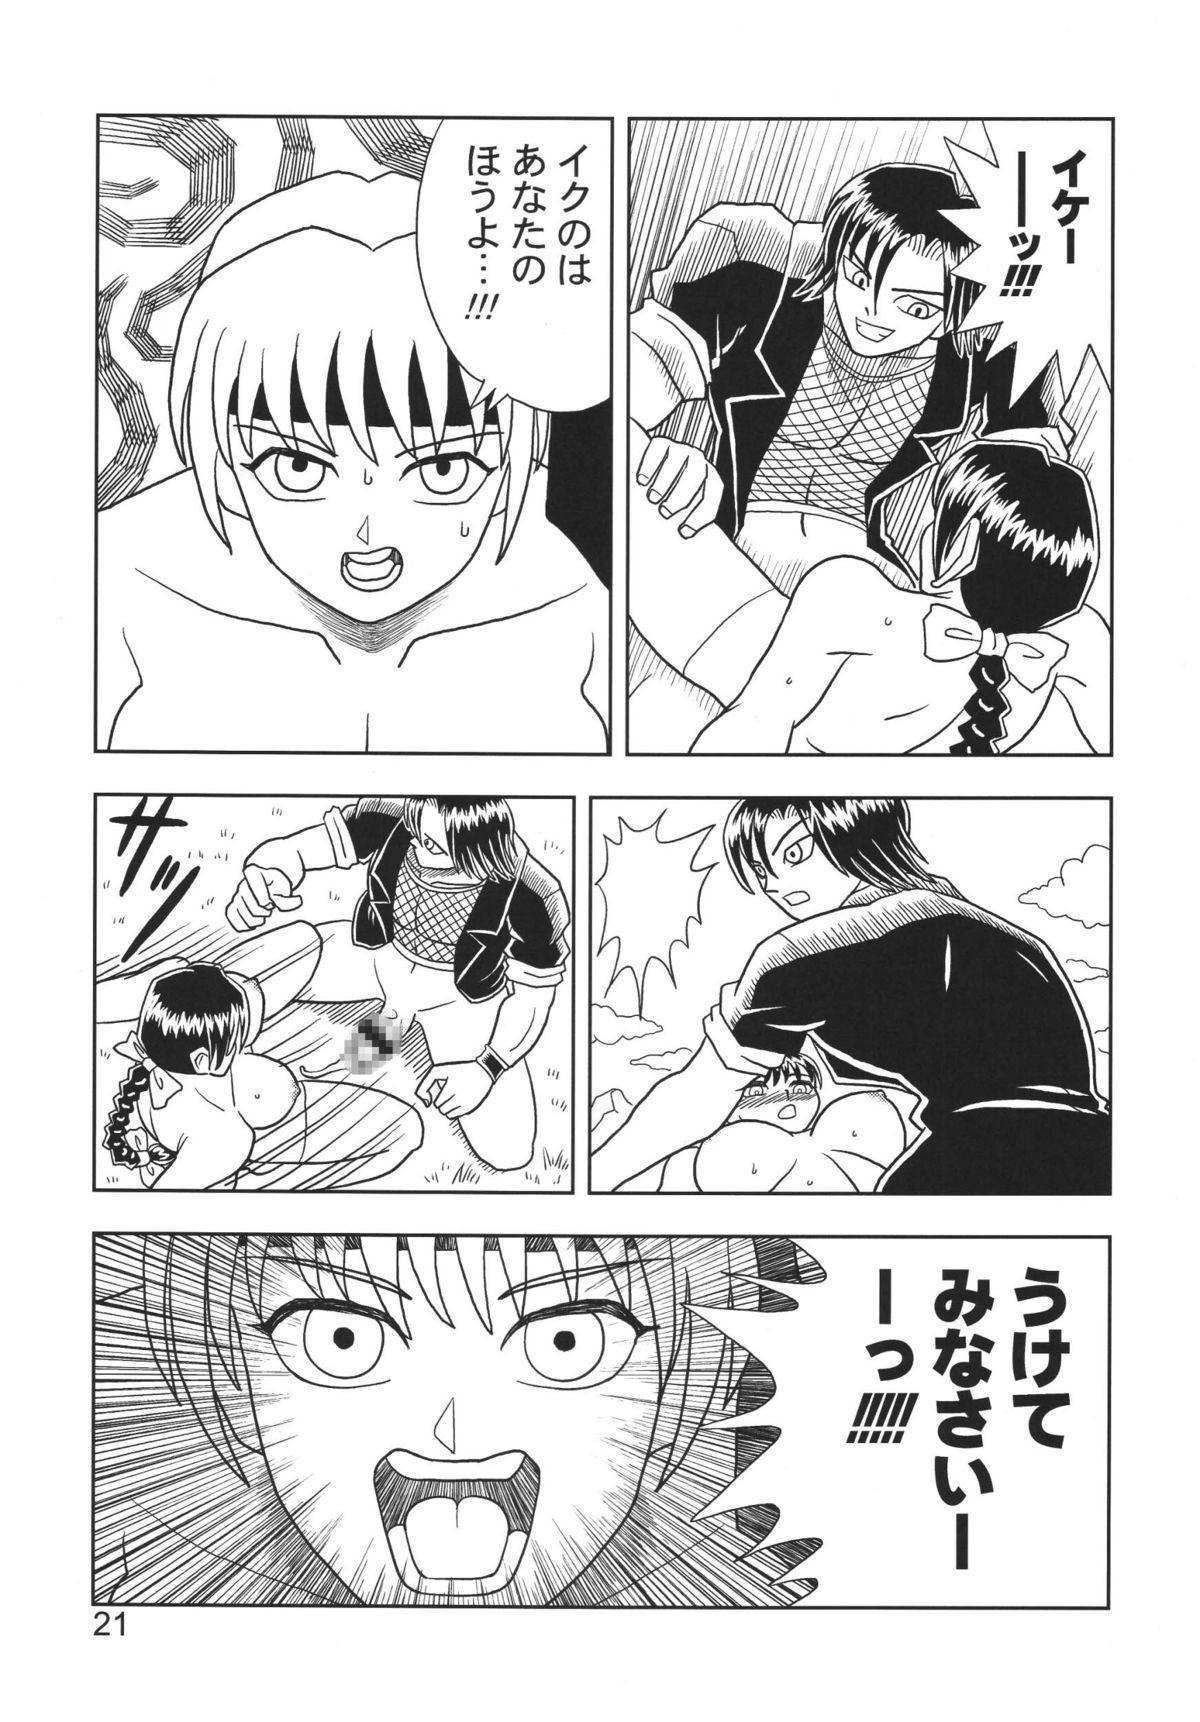 Kasumi or Ayane 20